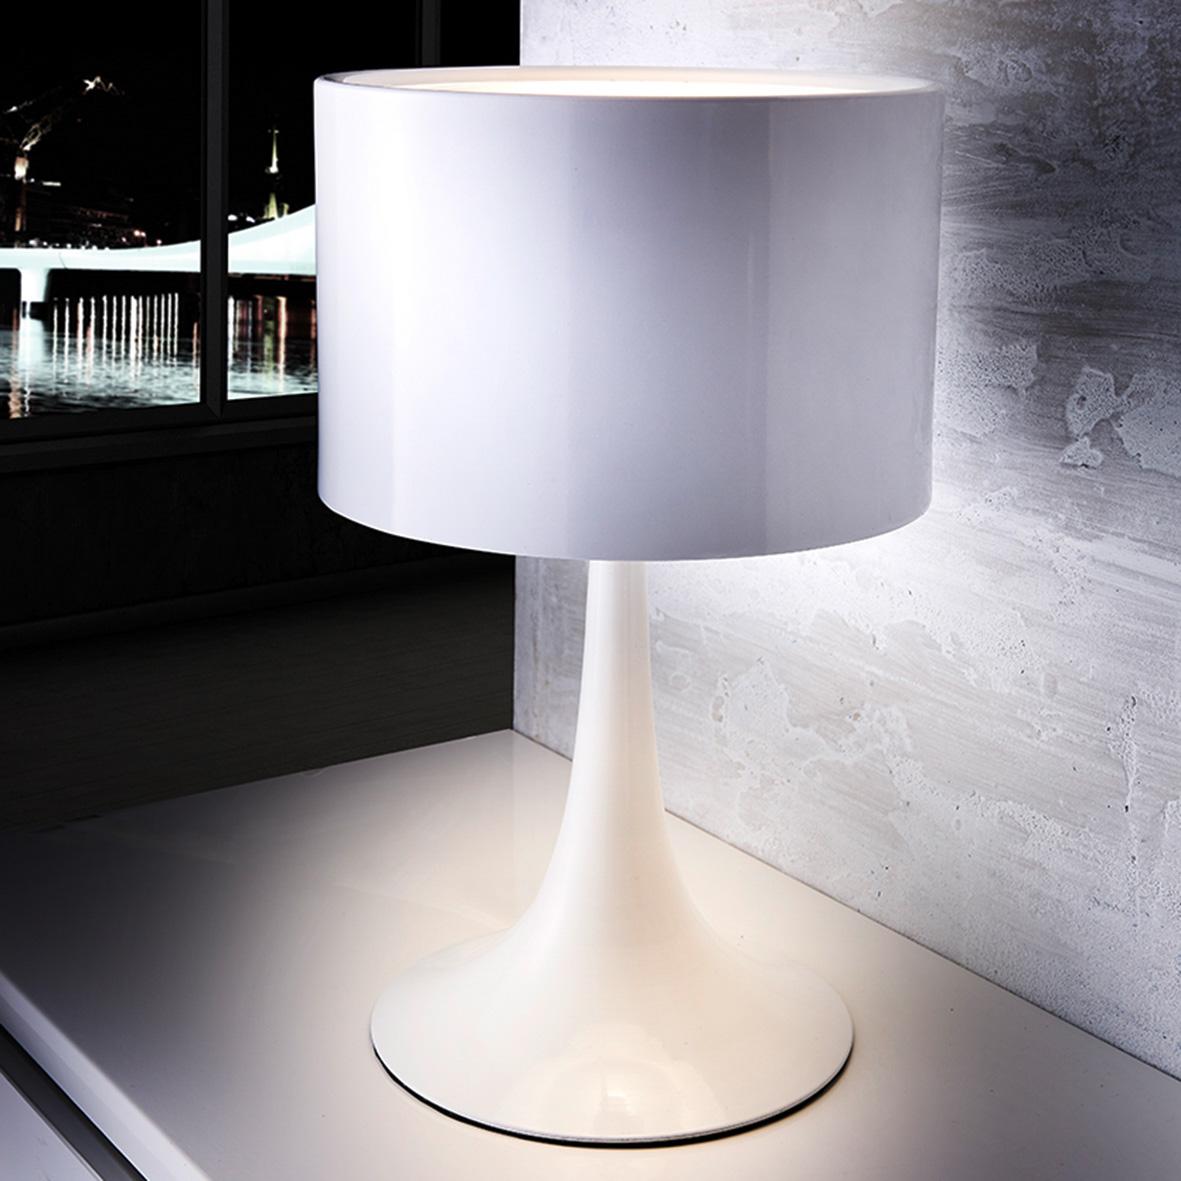 Lampen | Licht | Interieur | Interior Shooting | Studio-51 | Studio51 | Studio 51 | Werbefotografie | Fotostudio | Fashionshooting | Produktshooting | Produktfotos